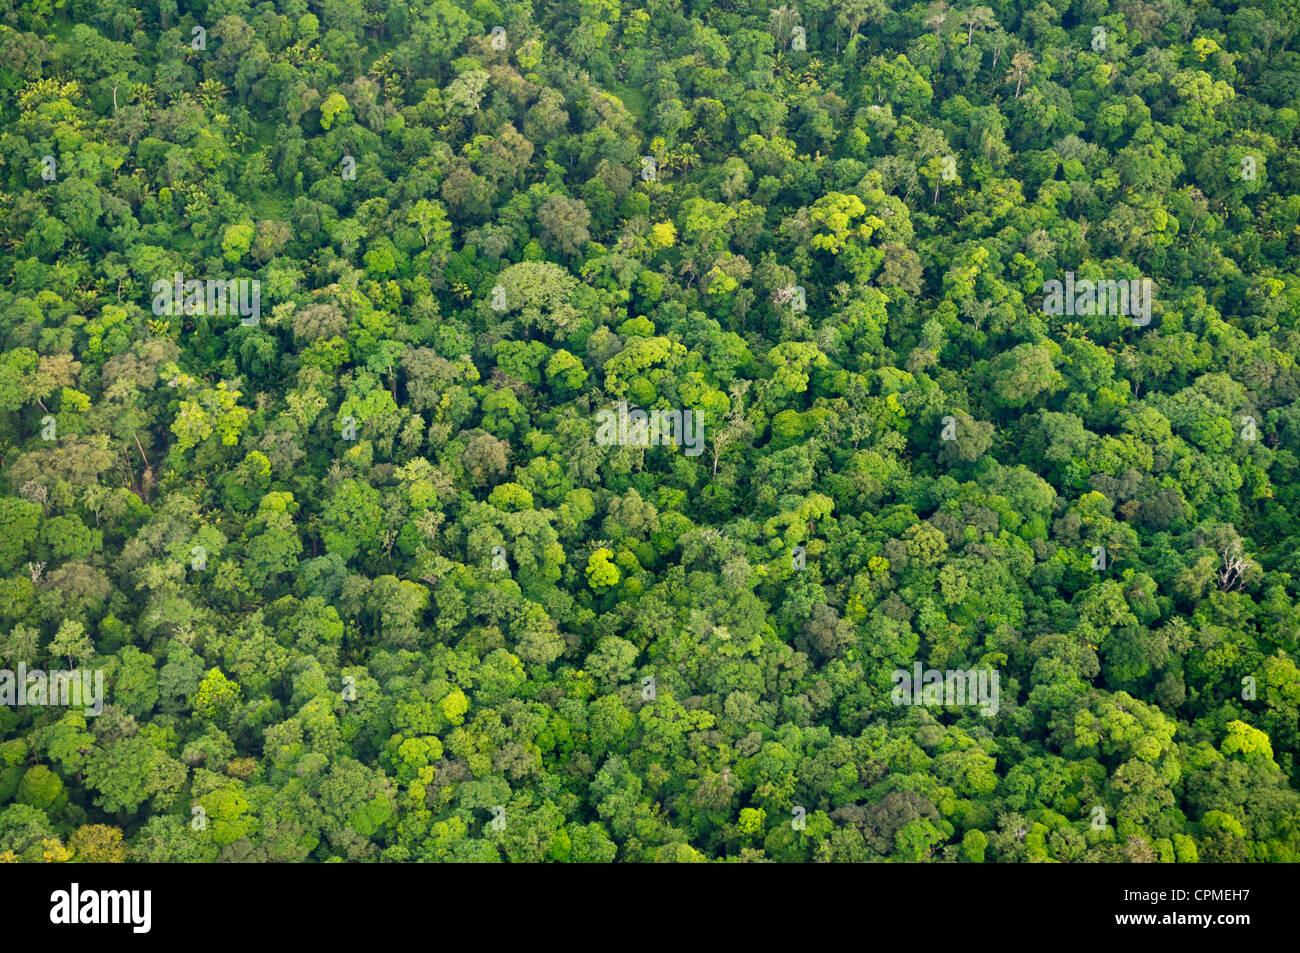 La canopée de la forêt tropicale de l'air, Parc National de Tortuguero, Costa Rica Banque D'Images